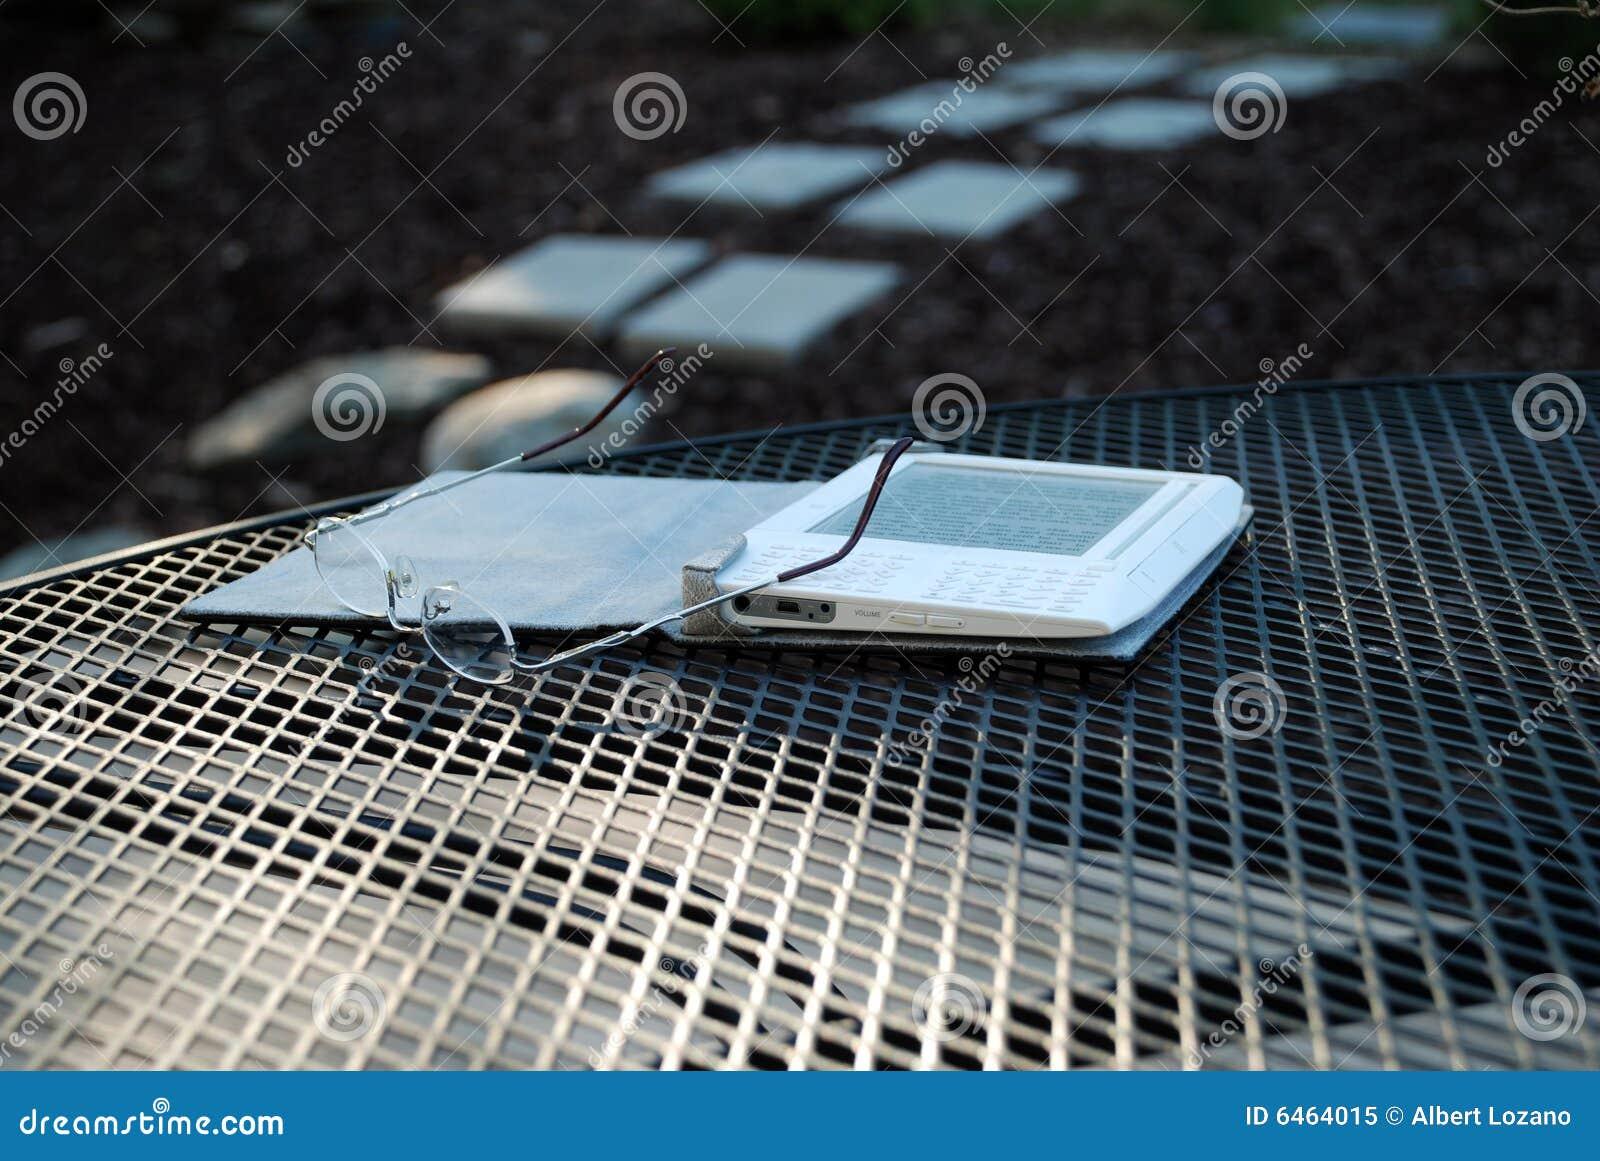 Czytelnik elektronicznego